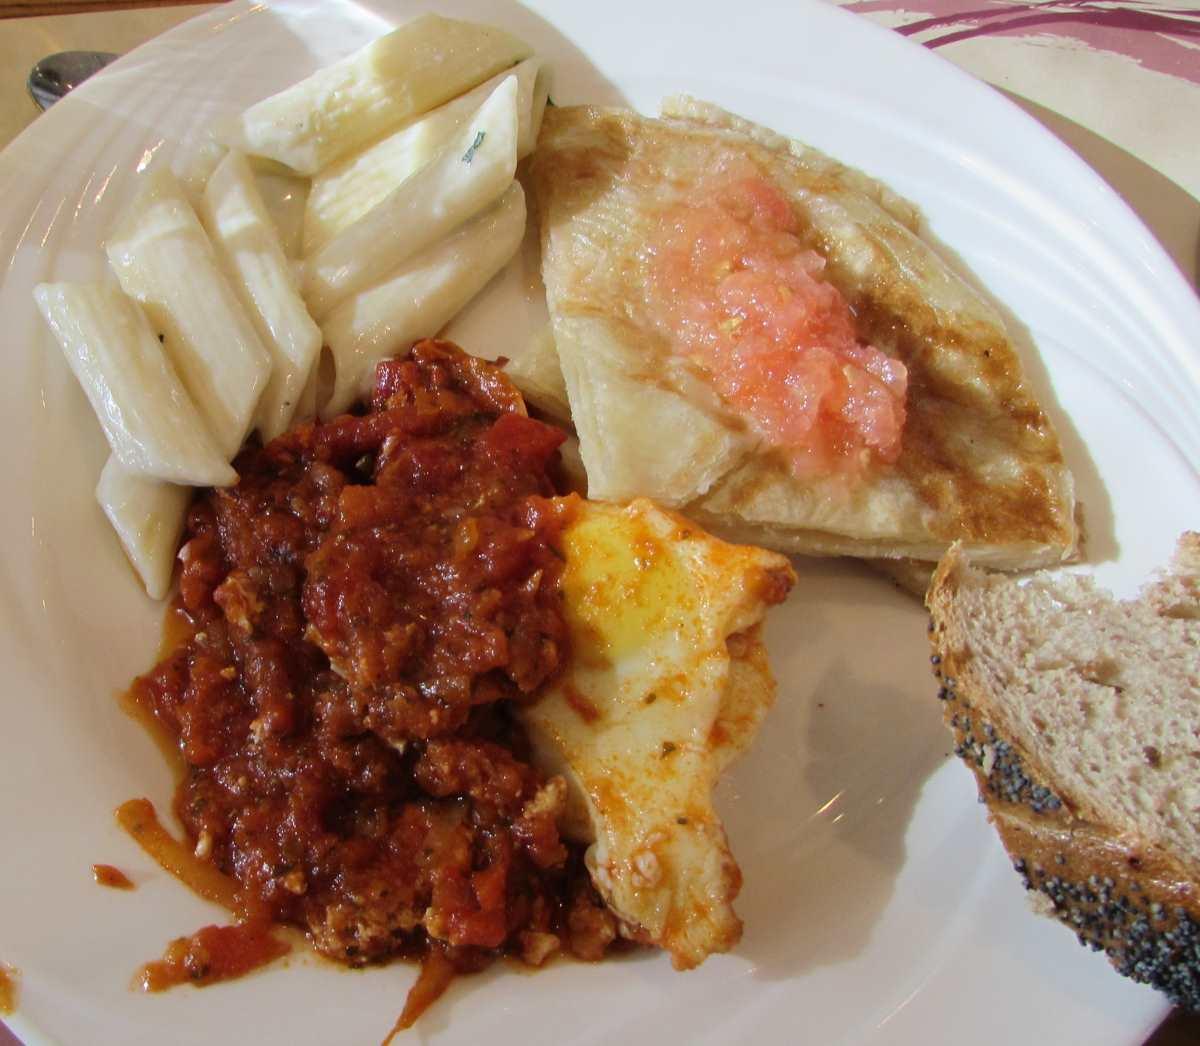 שקשוקה (טובה), סלט פסטה, ג'חנון ארוחת בוקר מלון קראון פלאזה